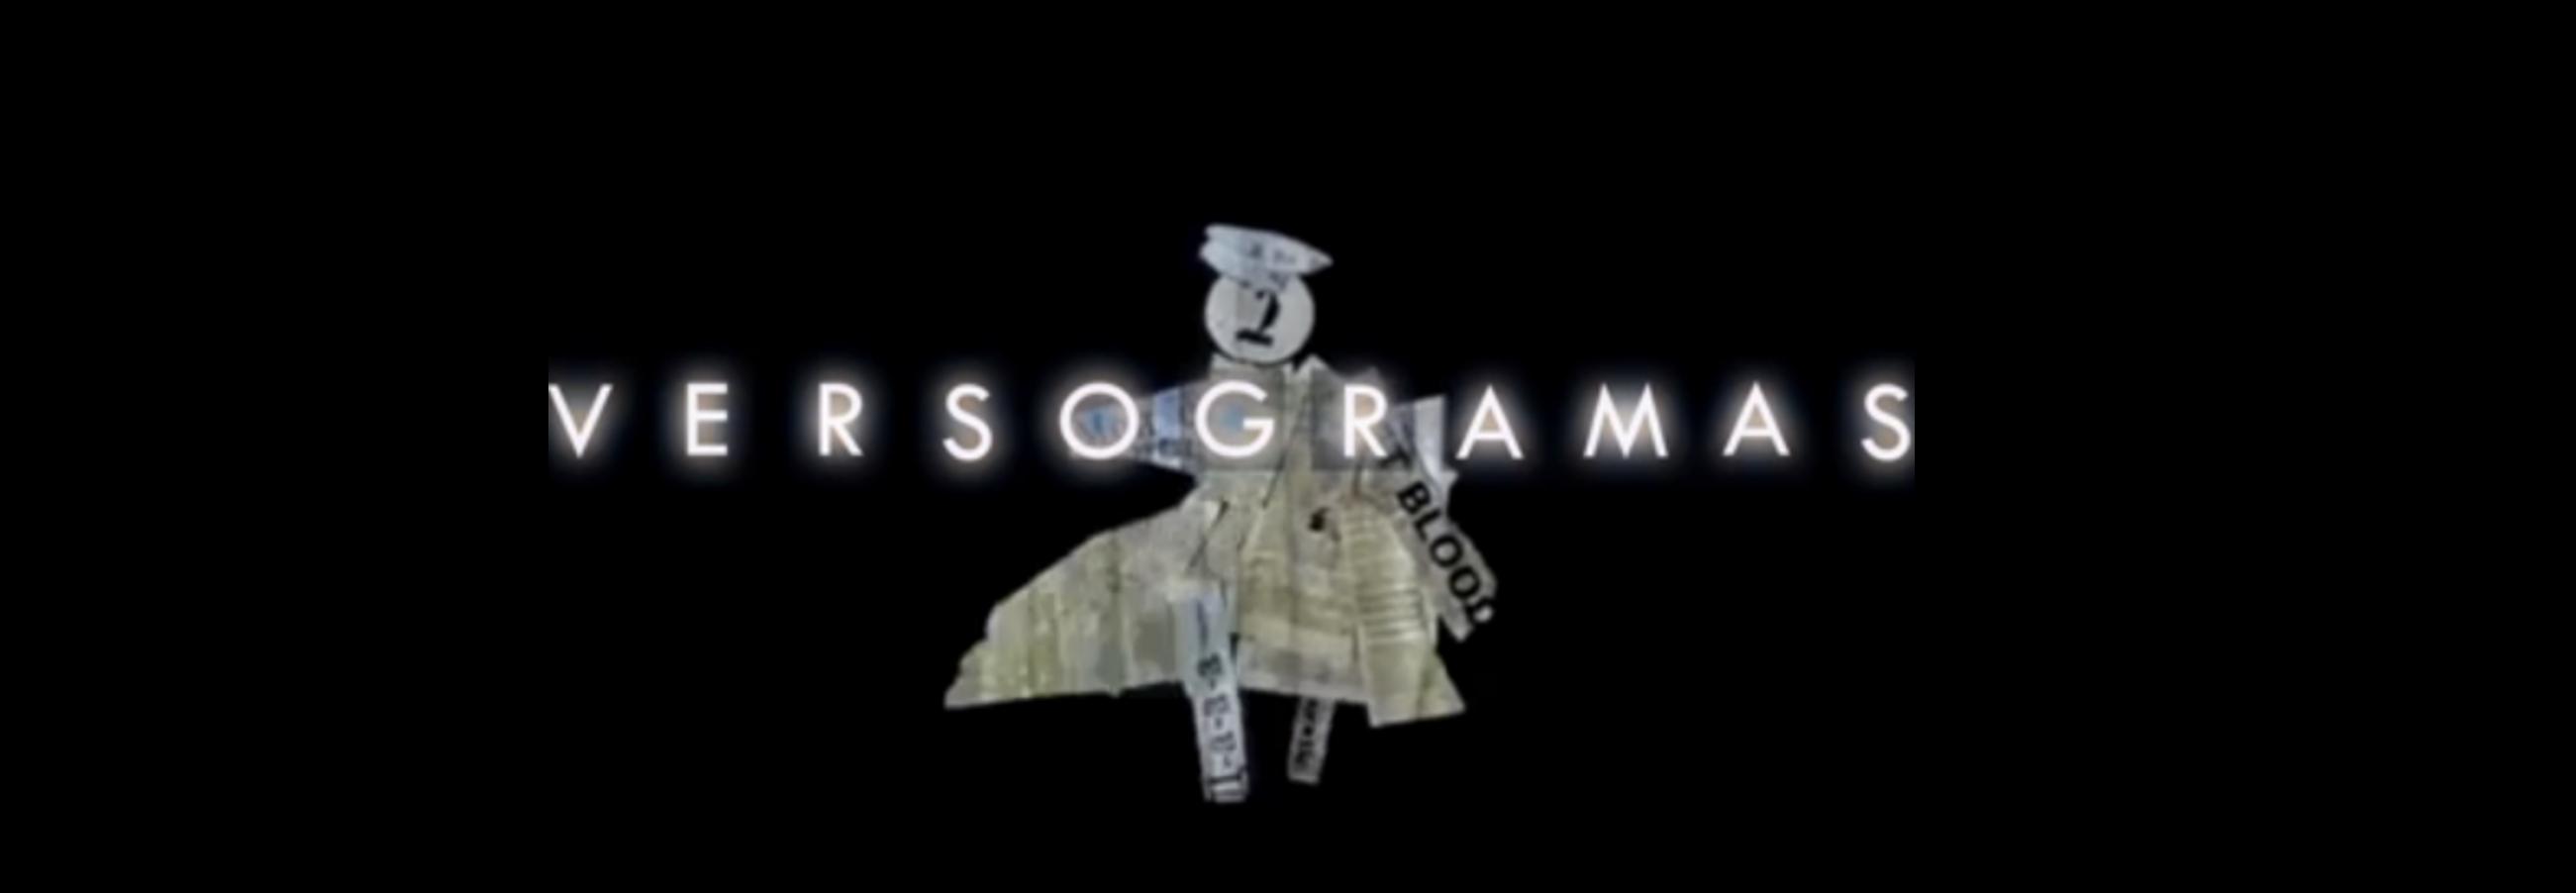 Versogramas presenta su campaña en Verkami